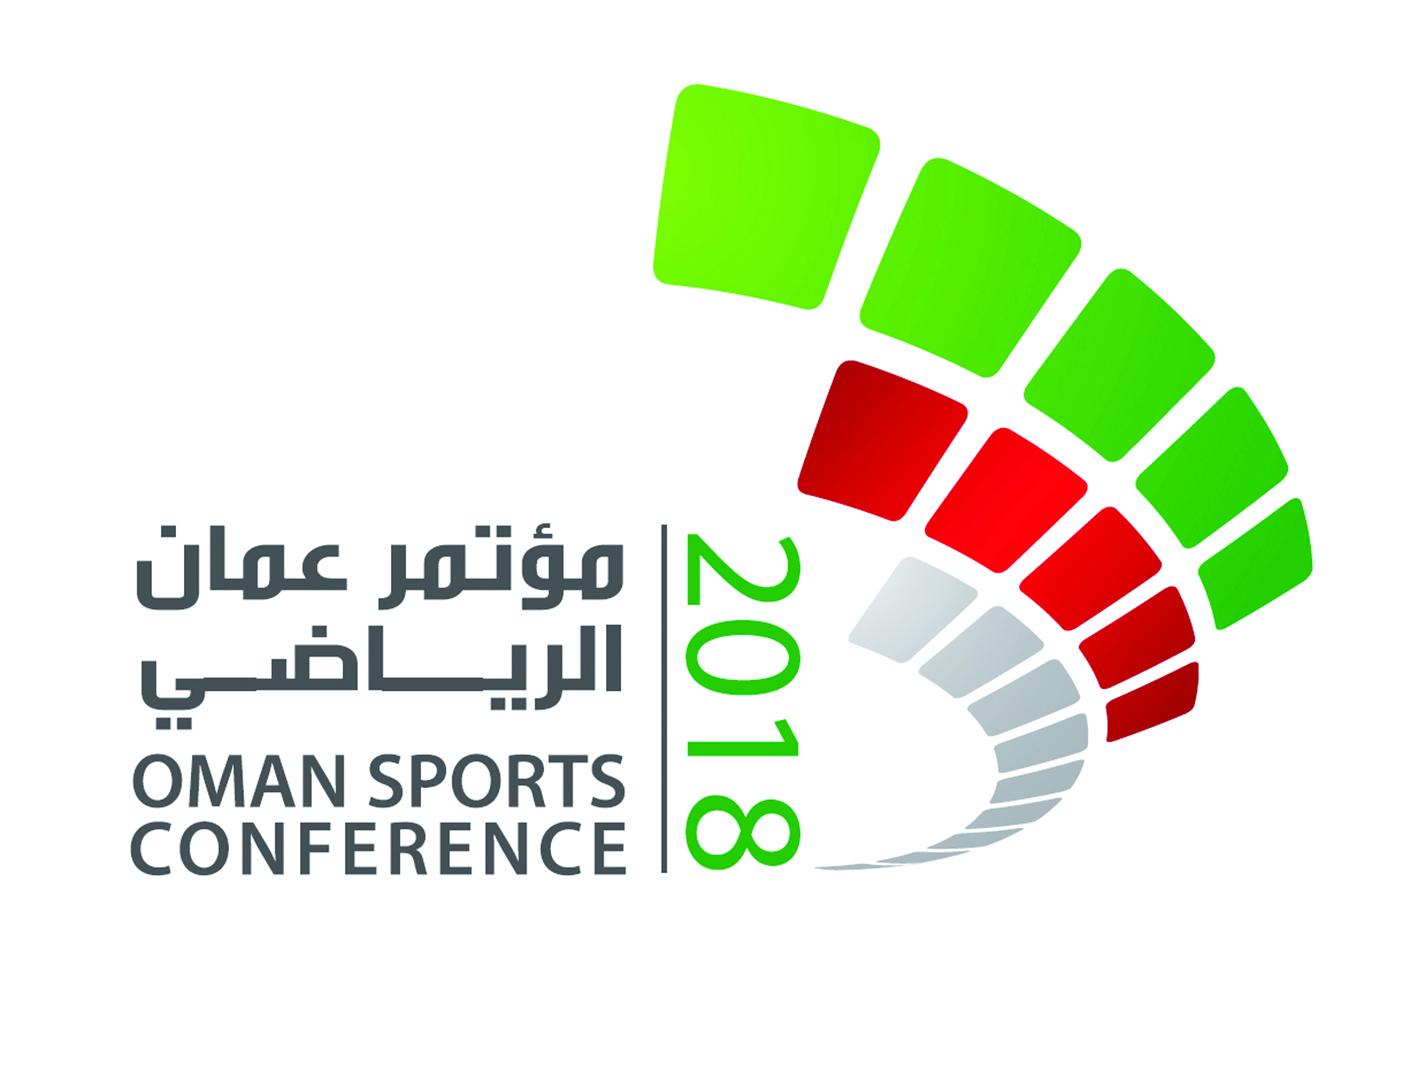 الكشف عن جلسات مؤتمر عمان الرياضي 2018